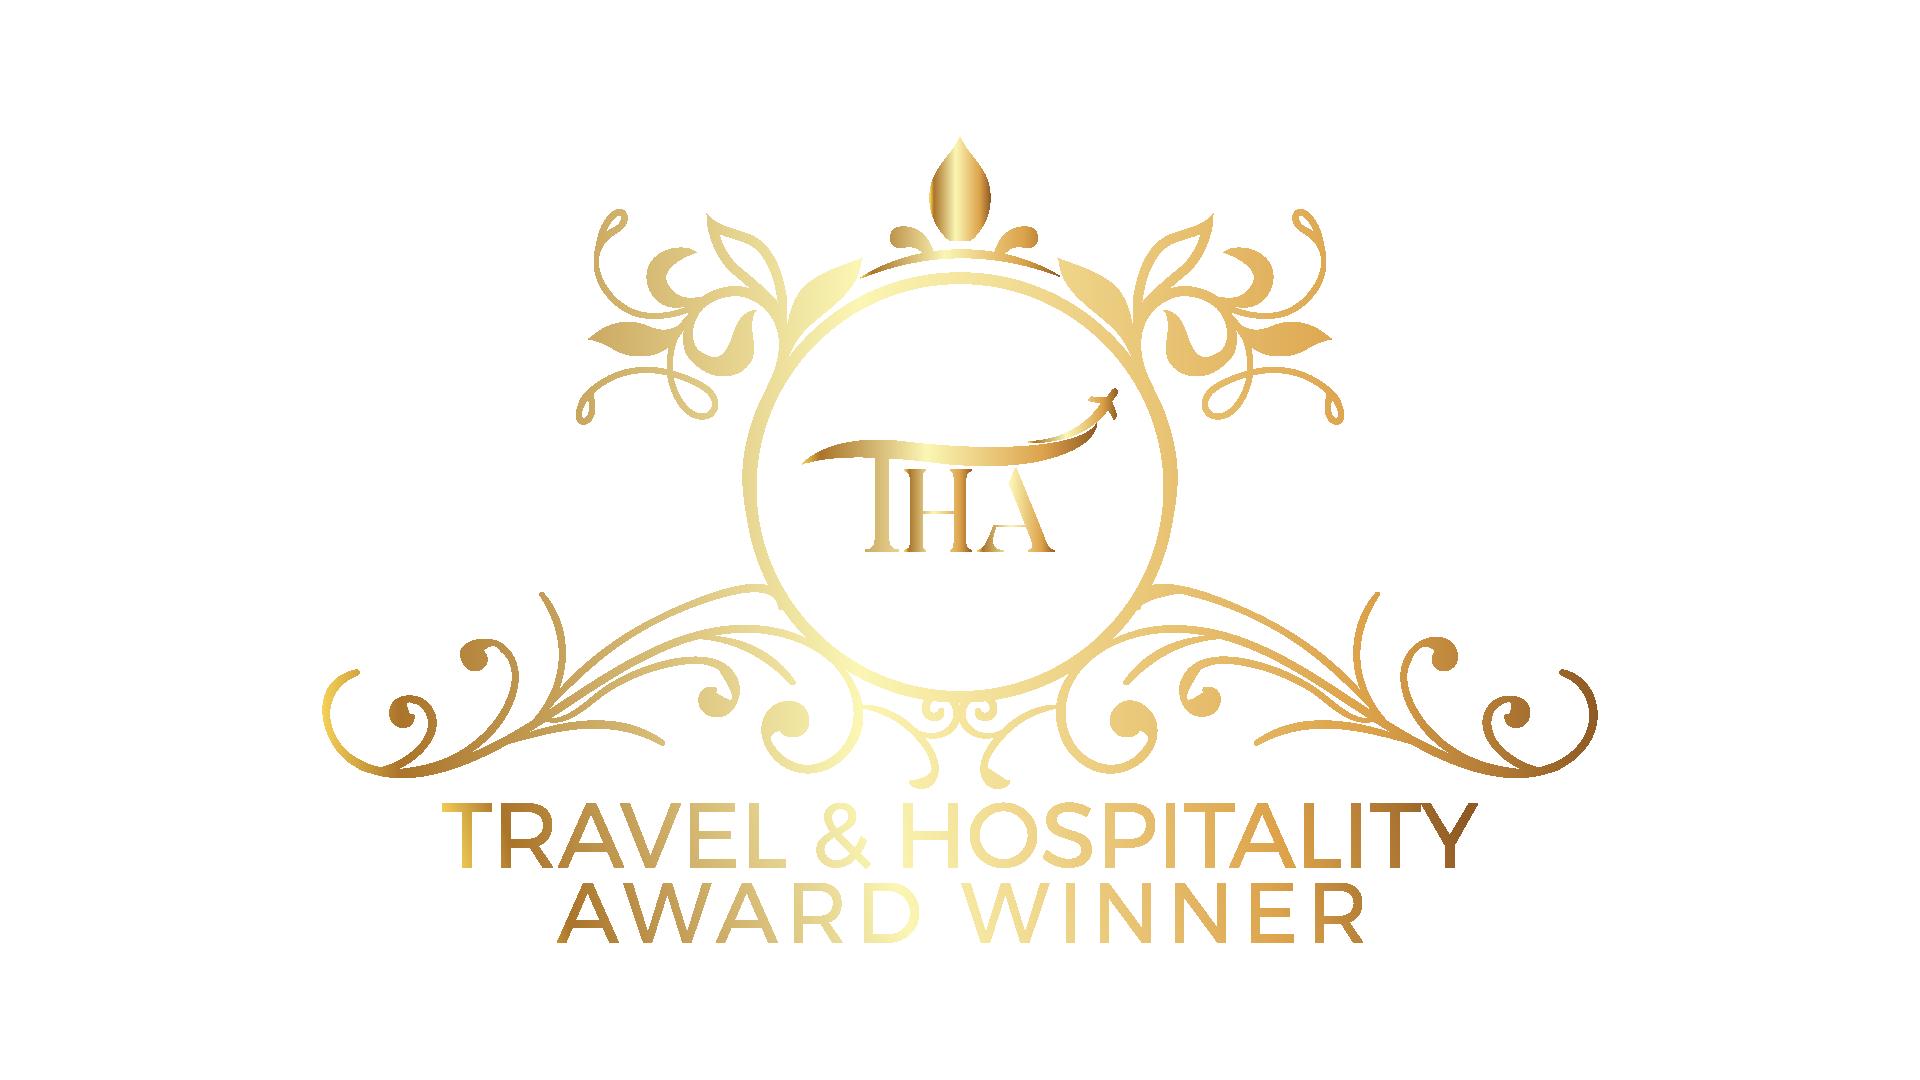 Travel-And-Hospitality-Award-Winner-Logo-Golden-01.png